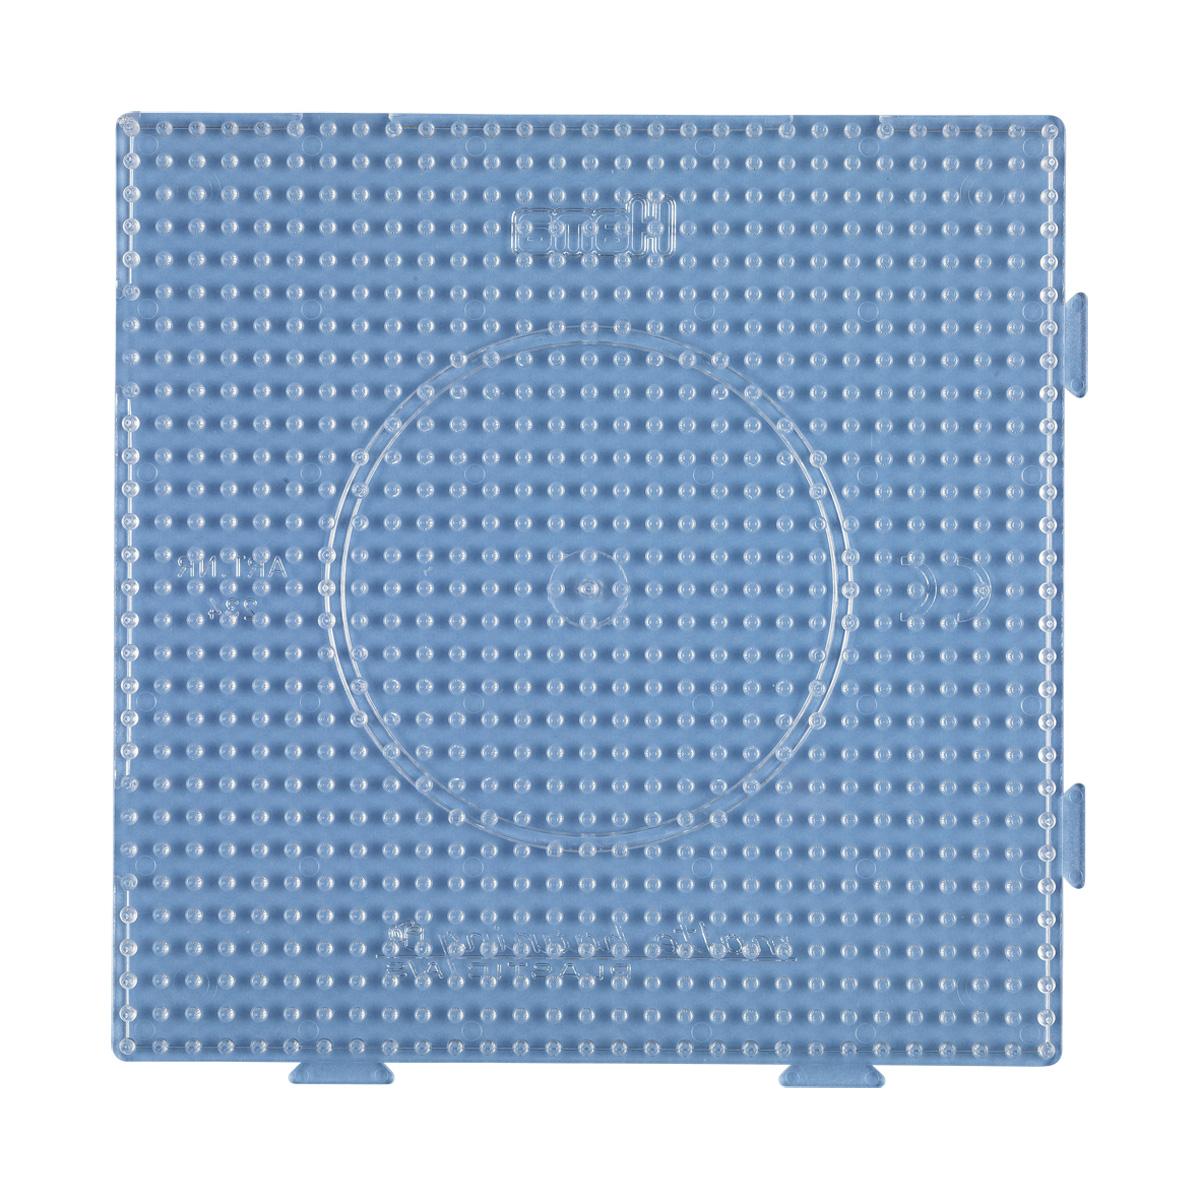 ハマビーズ ボードLツナガル正方形(透明)